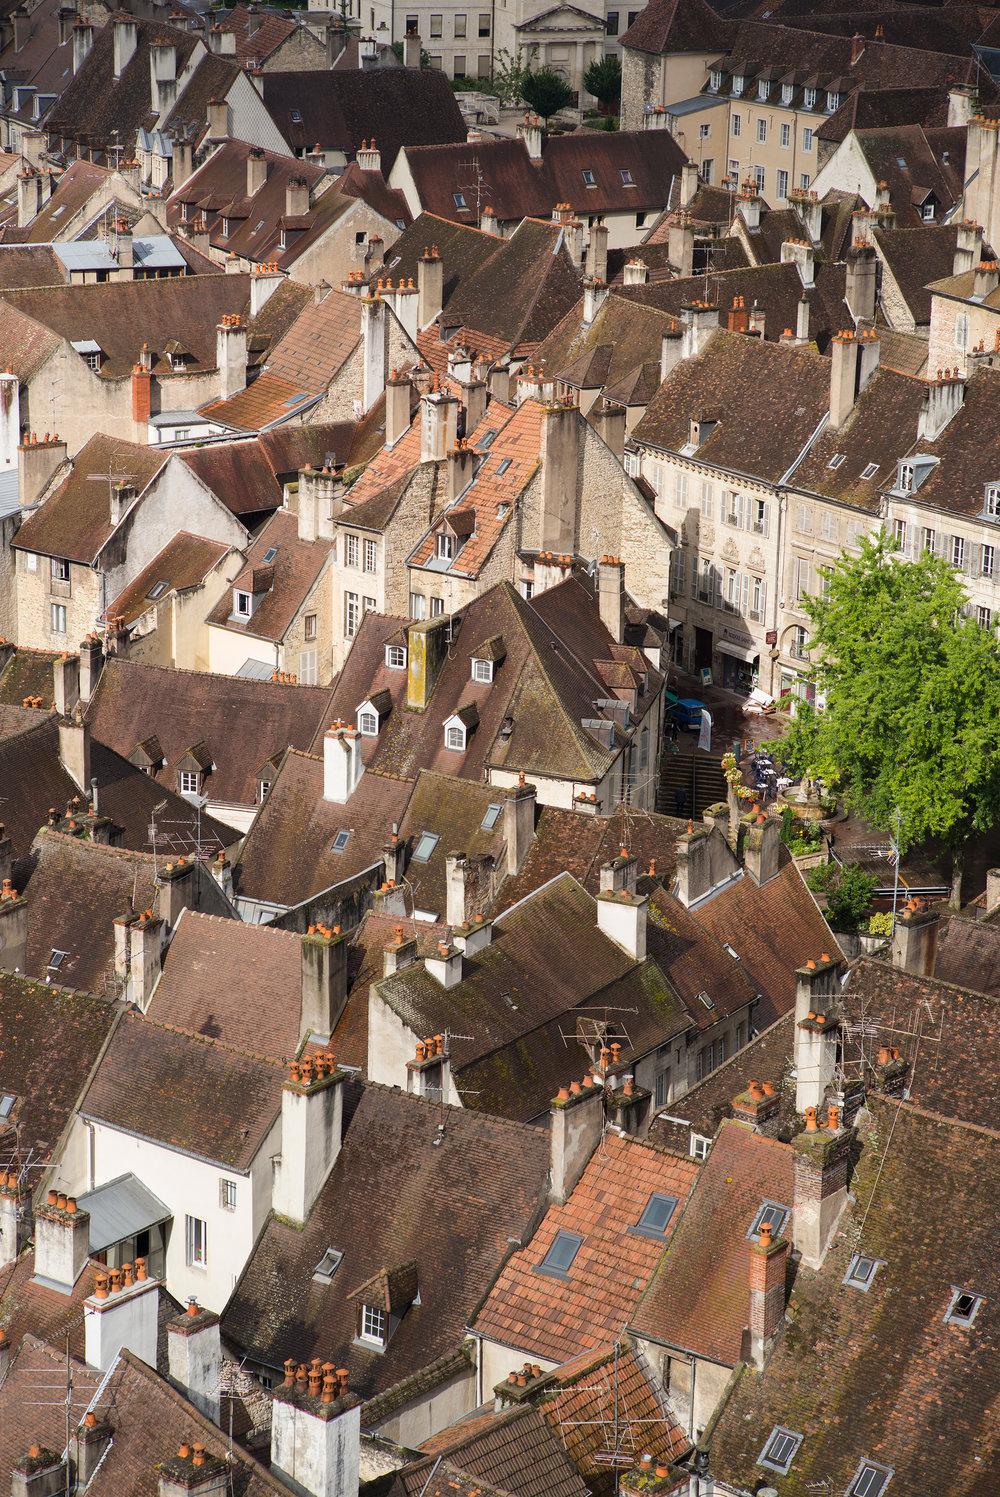 003NL_franche_comte_tourisme.jpg